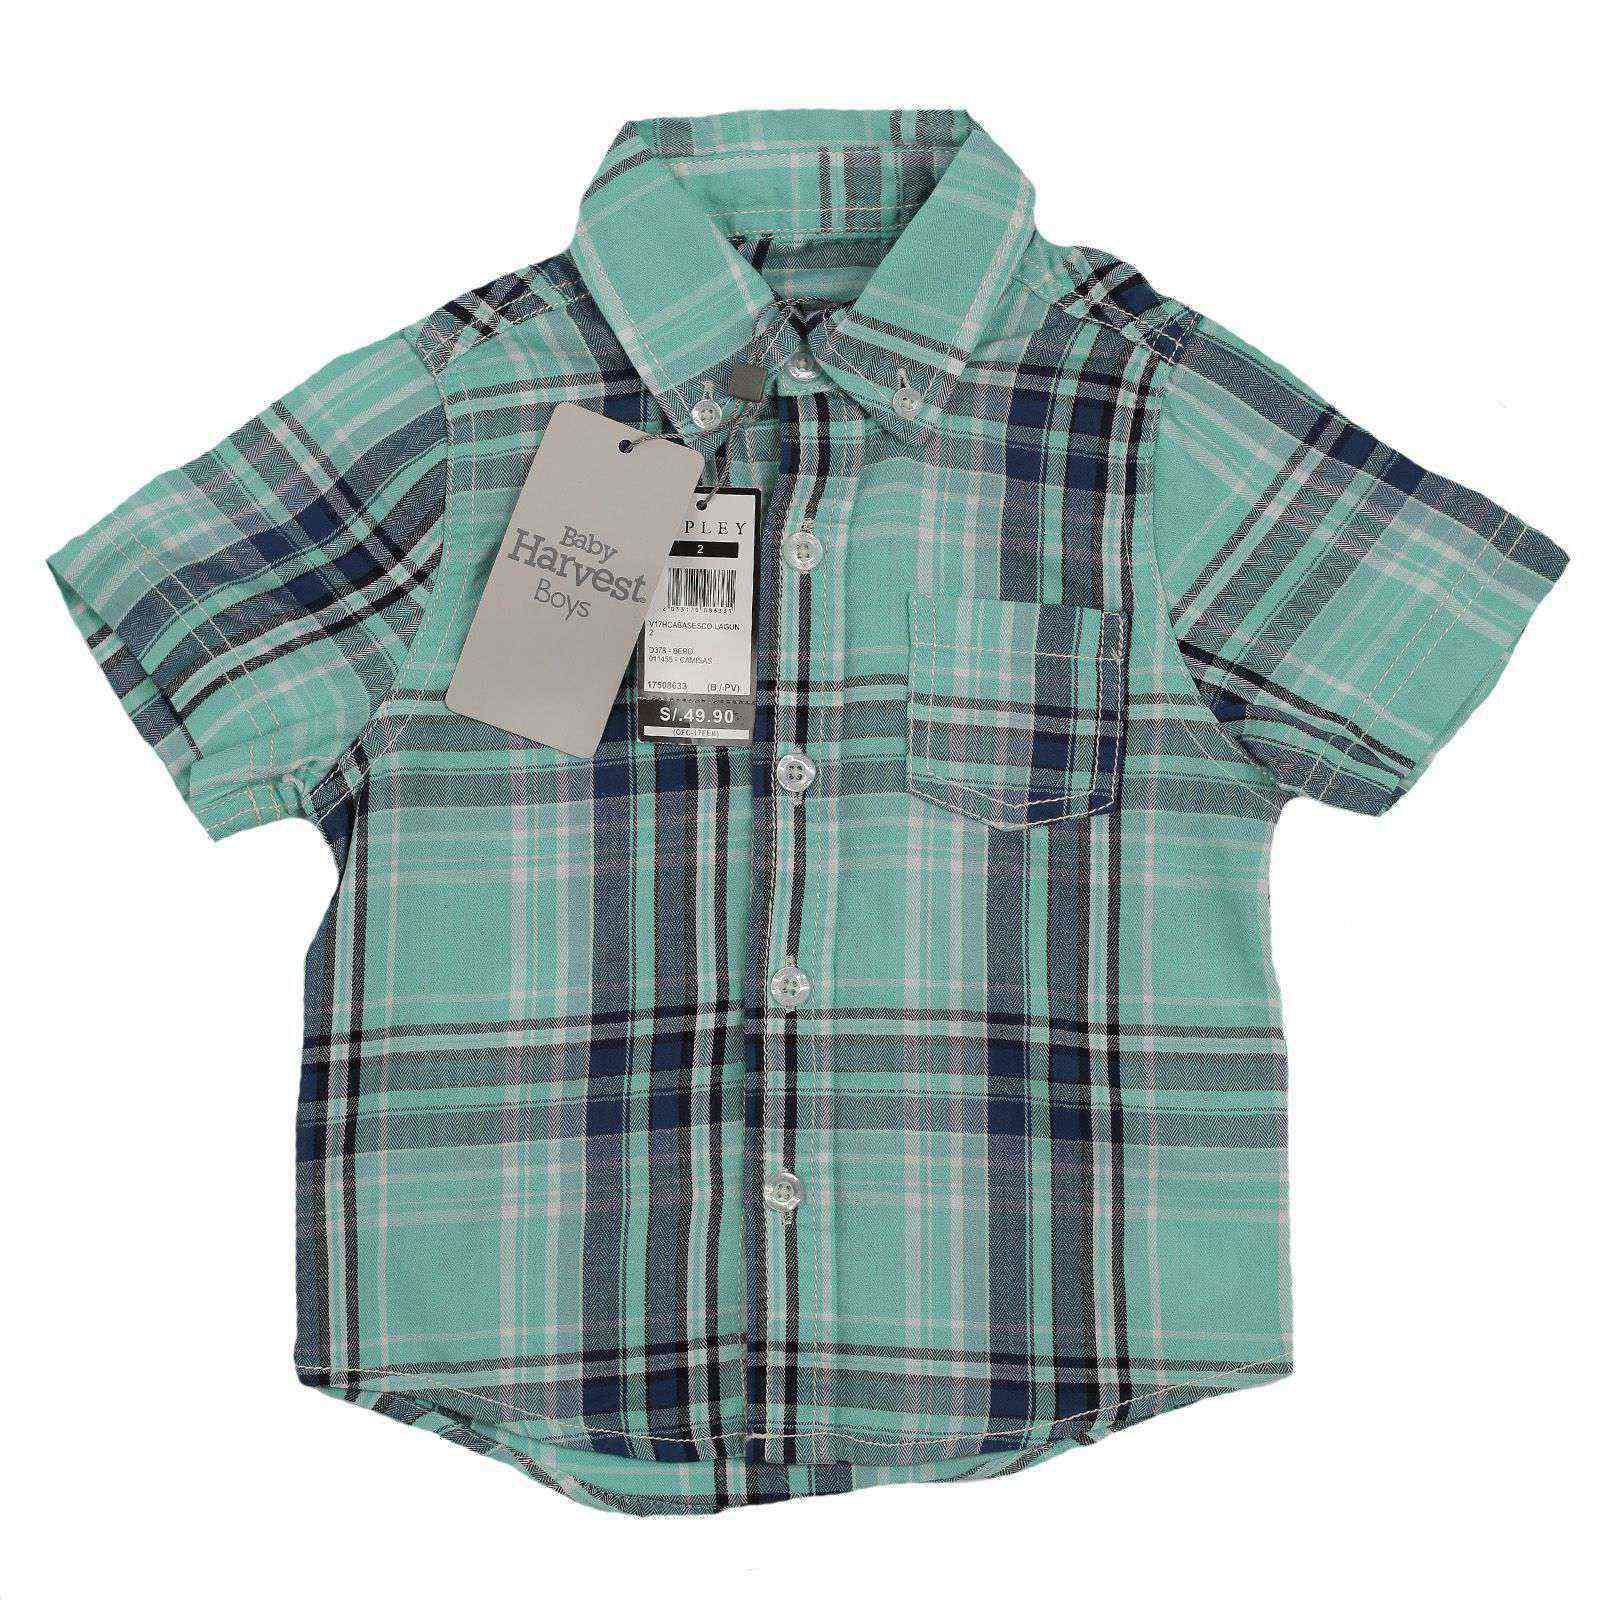 Фирменная рубашка от австралийского бренда Baby Harvest-вид спереди